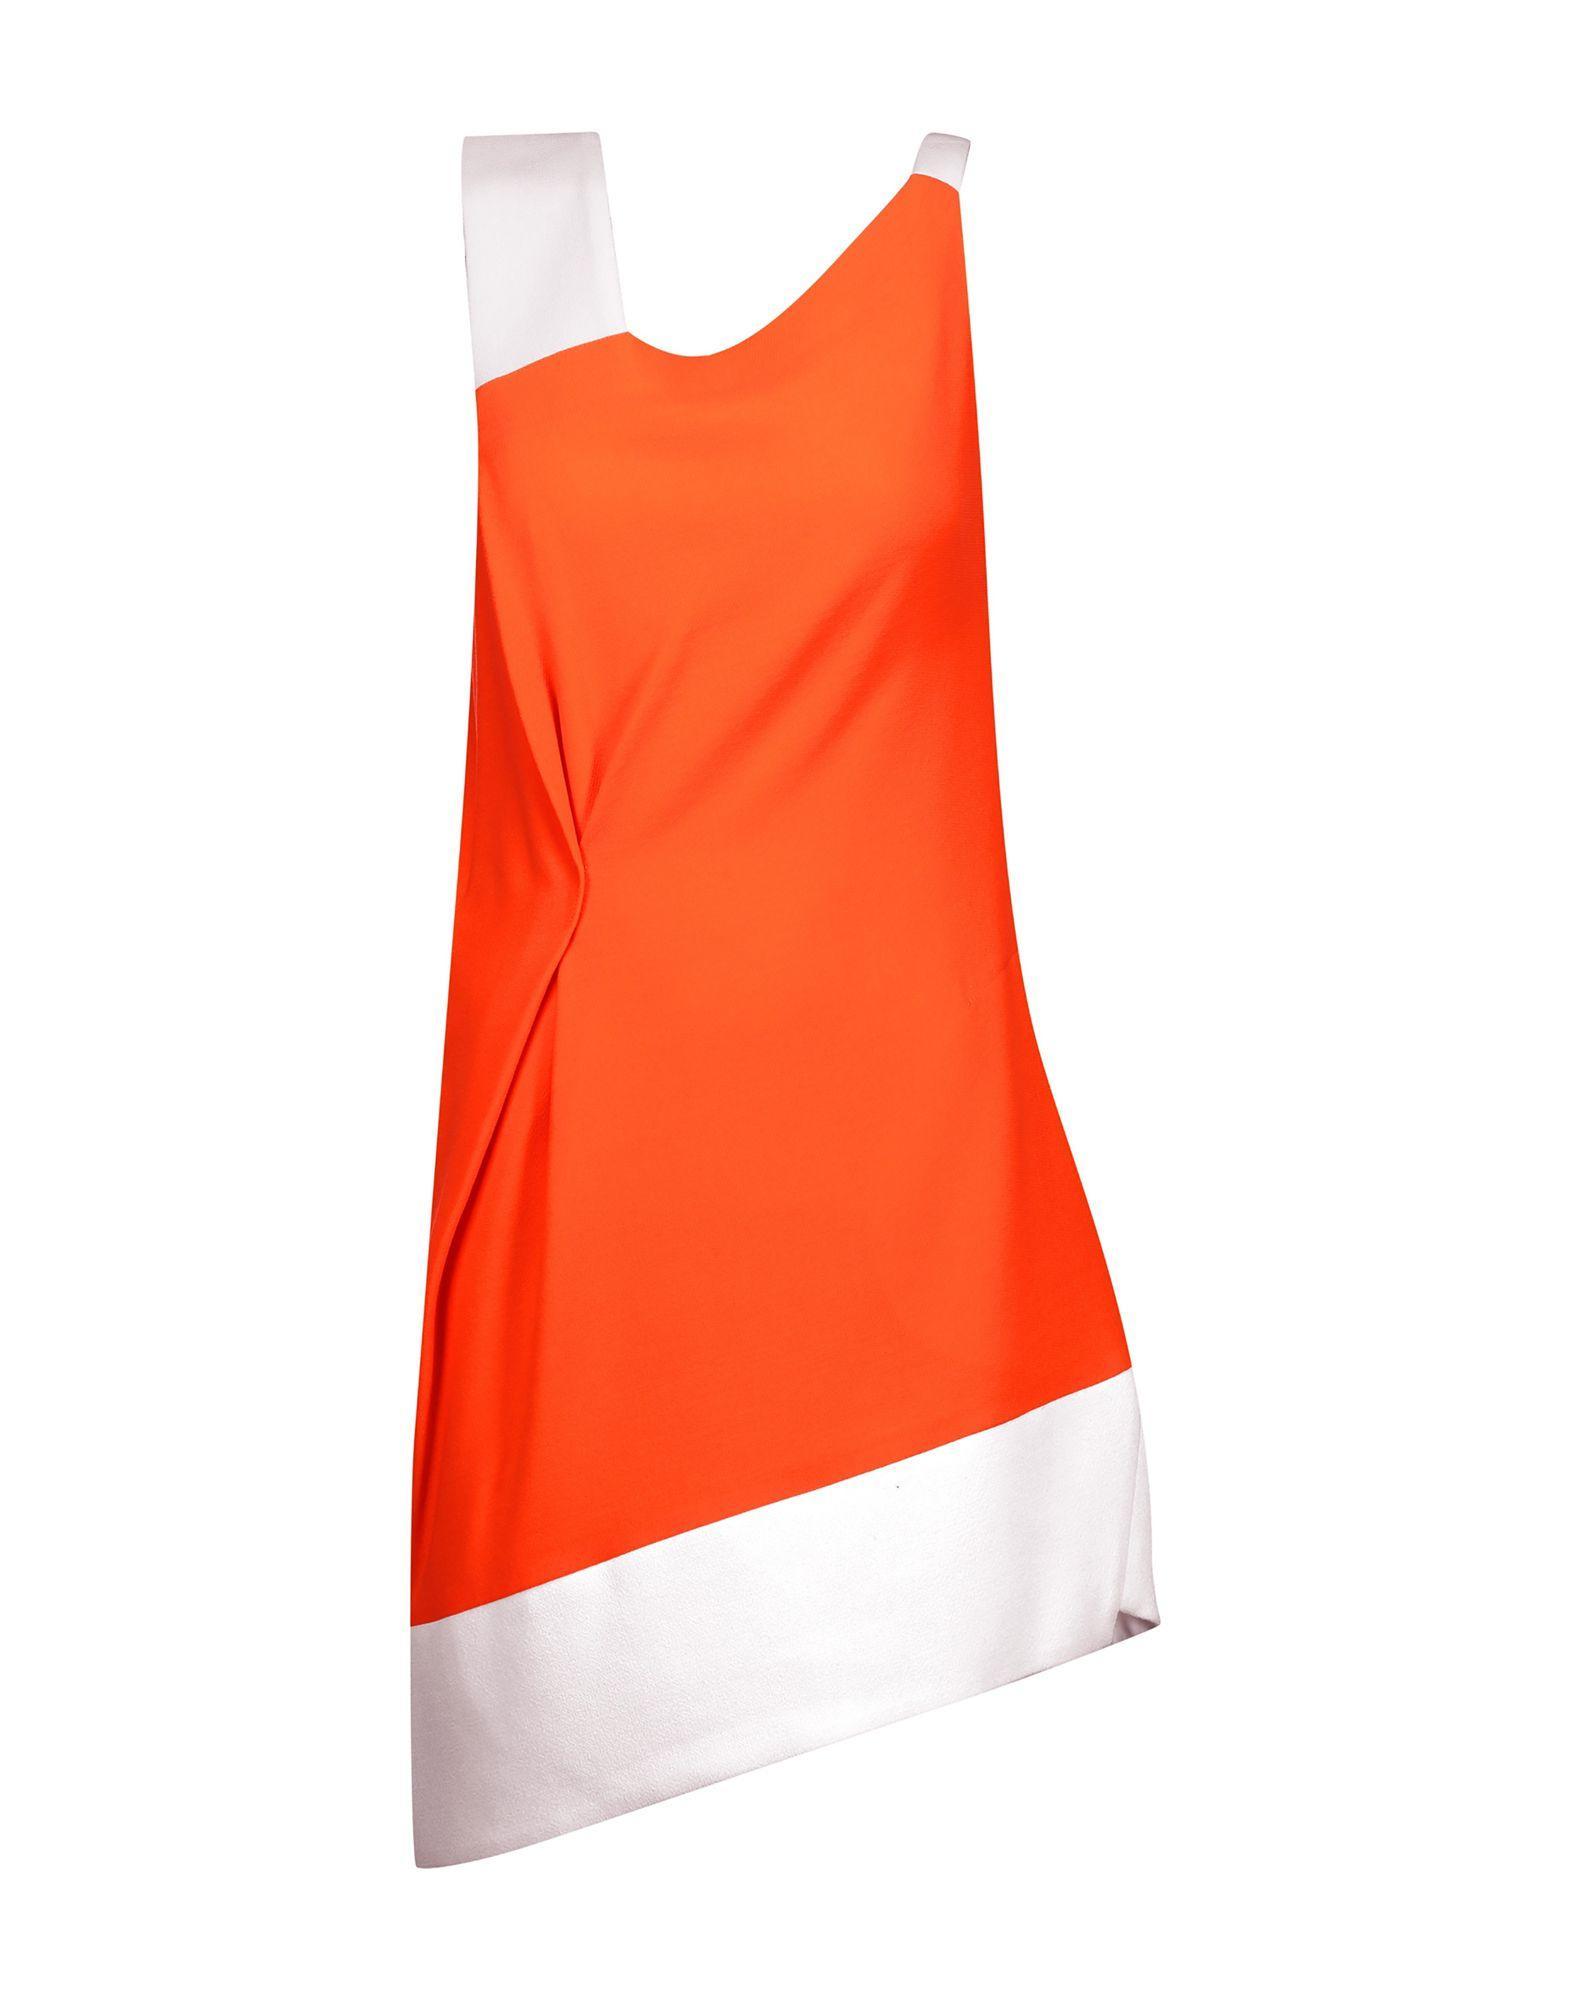 Короткое платье  Оранжевый цвета